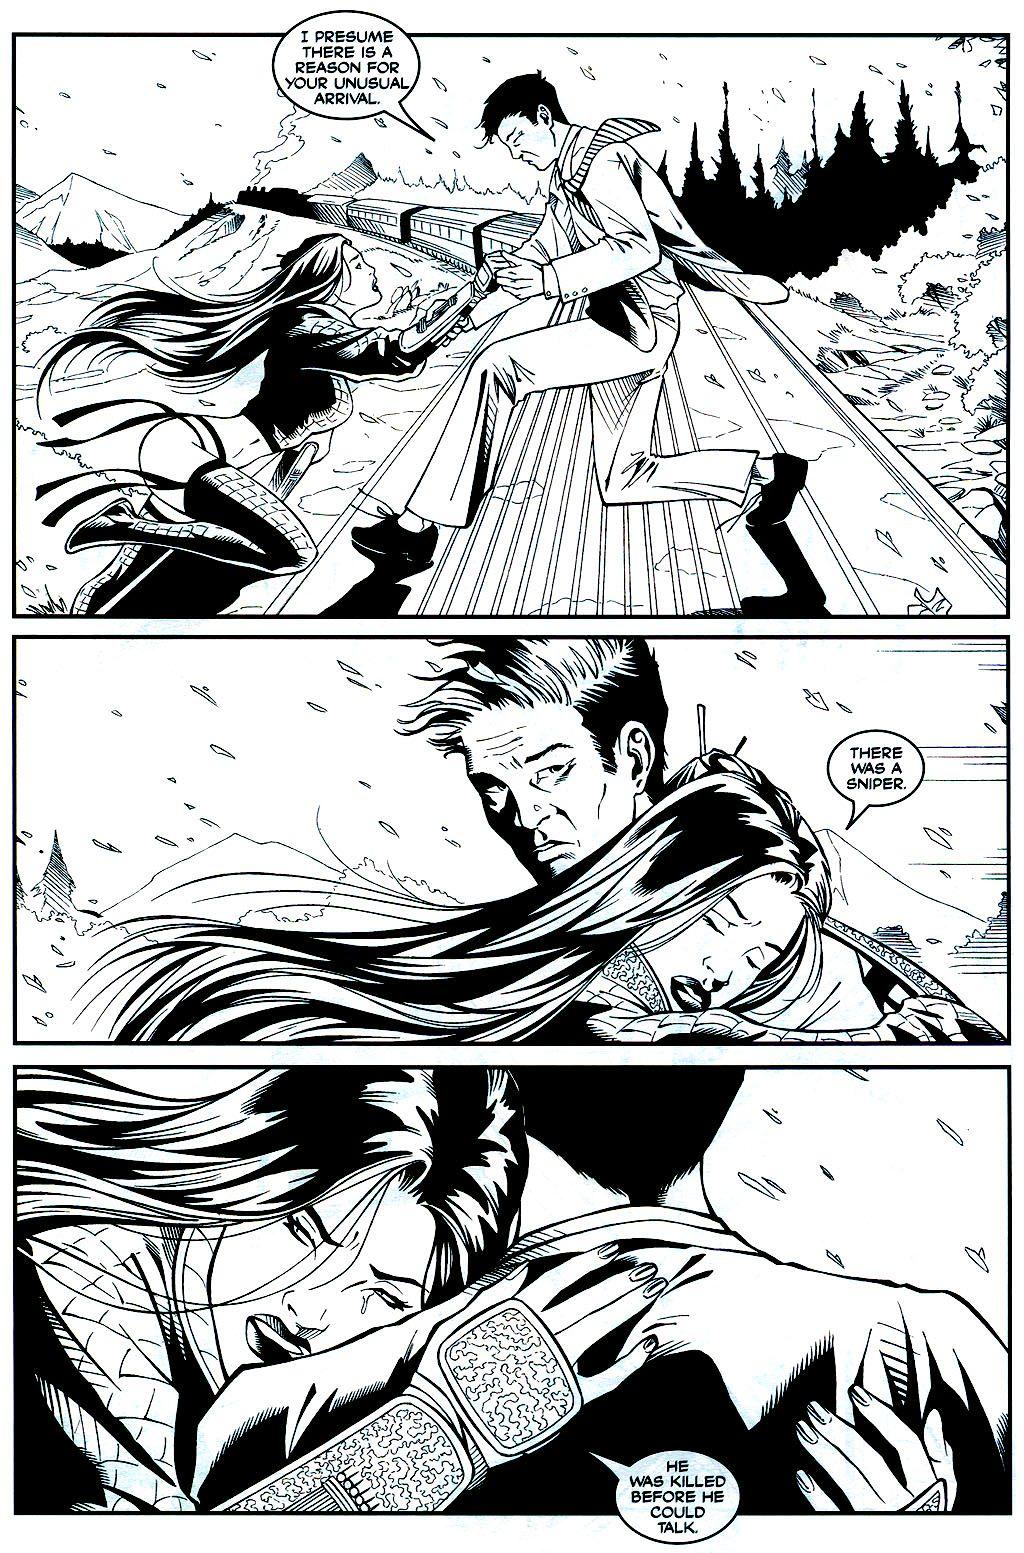 Read online Shi: Sempo comic -  Issue #1 - 17